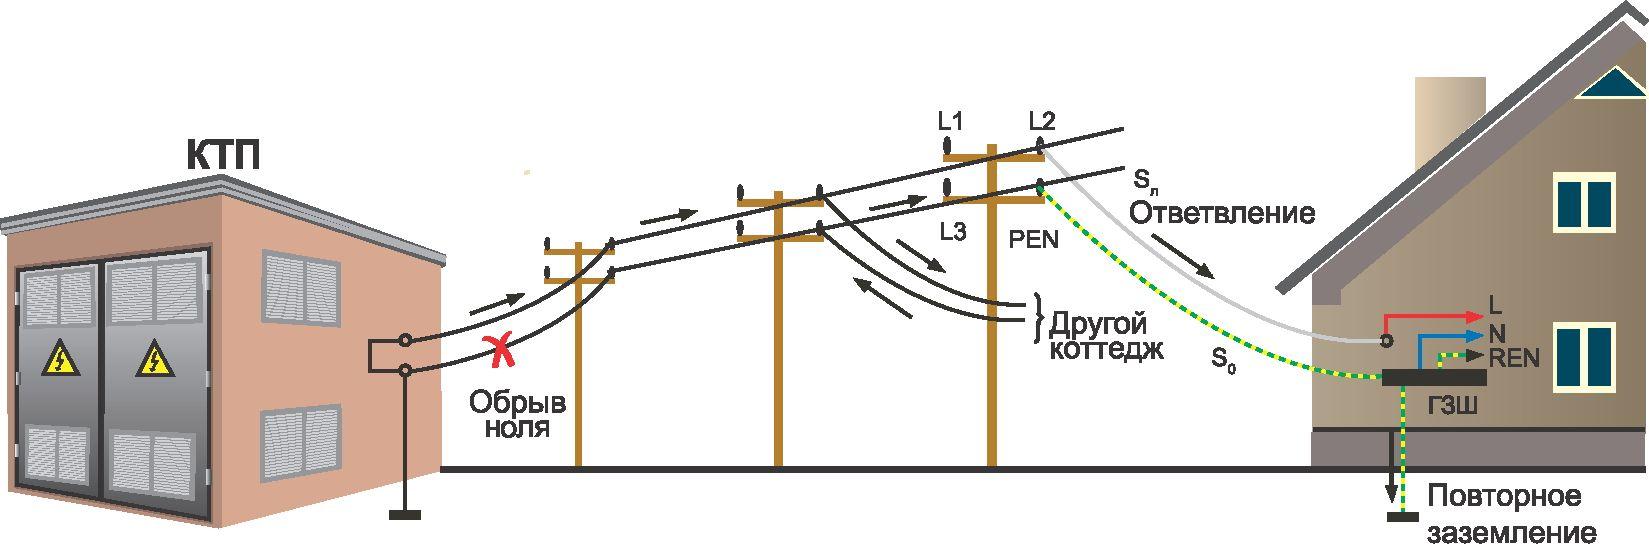 Акт заземления/ протокол измерения сопротивления заземления